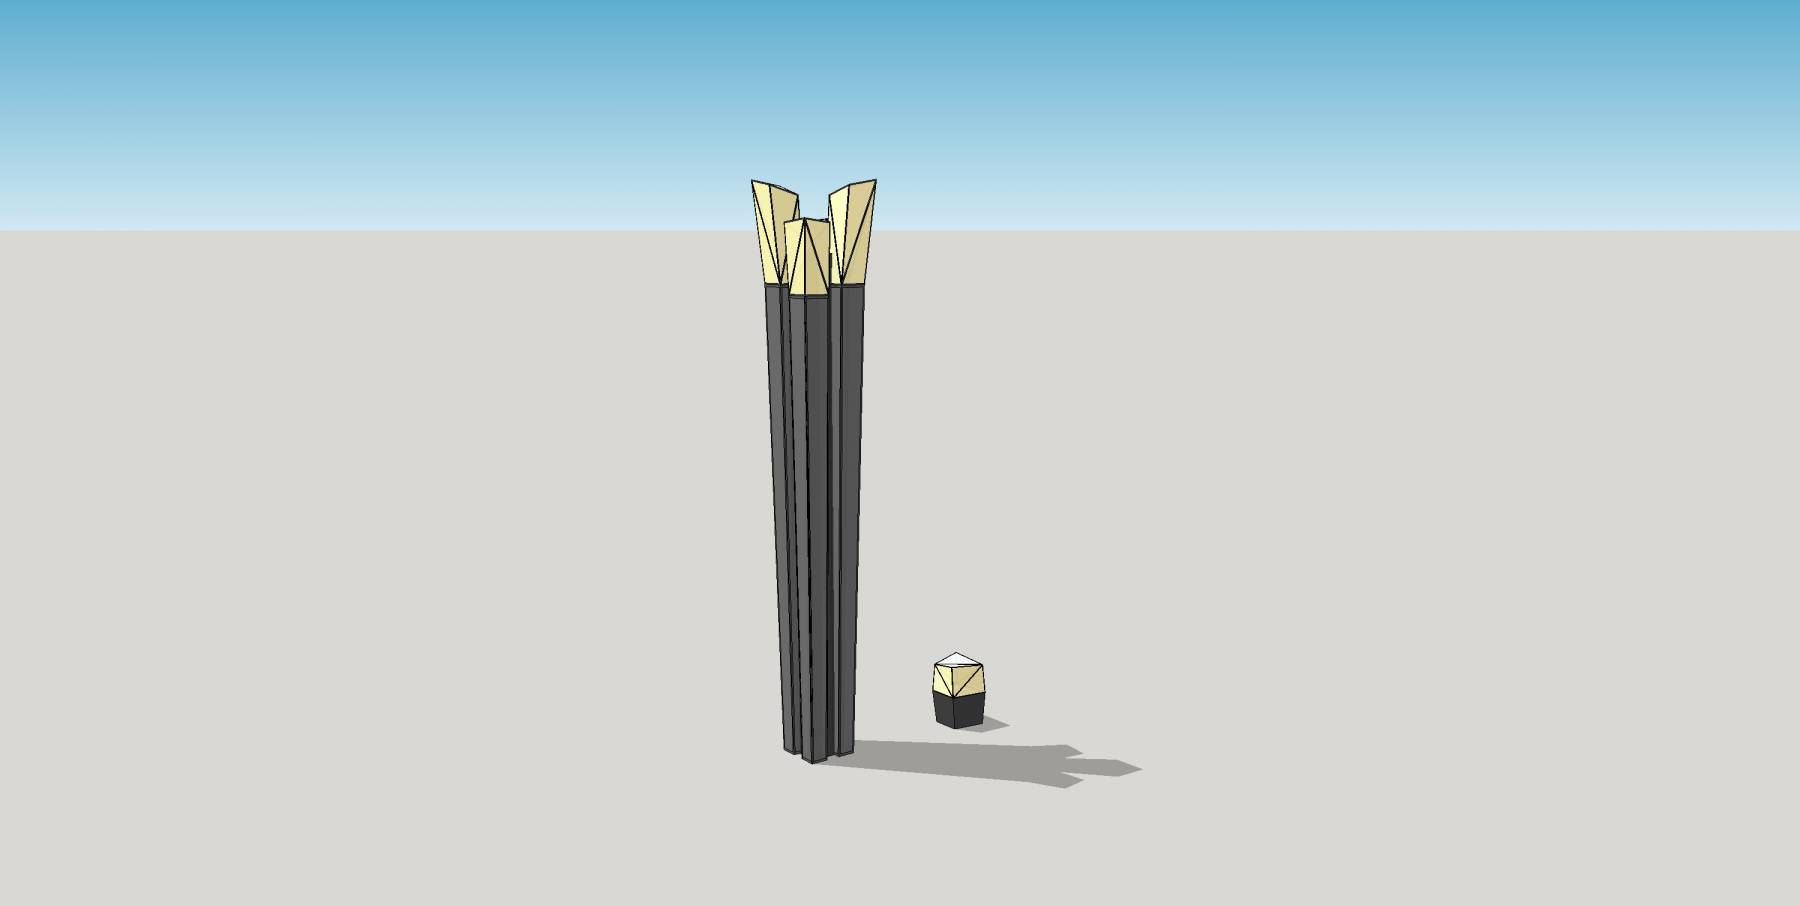 简约时尚灯具1灯柱景观灯